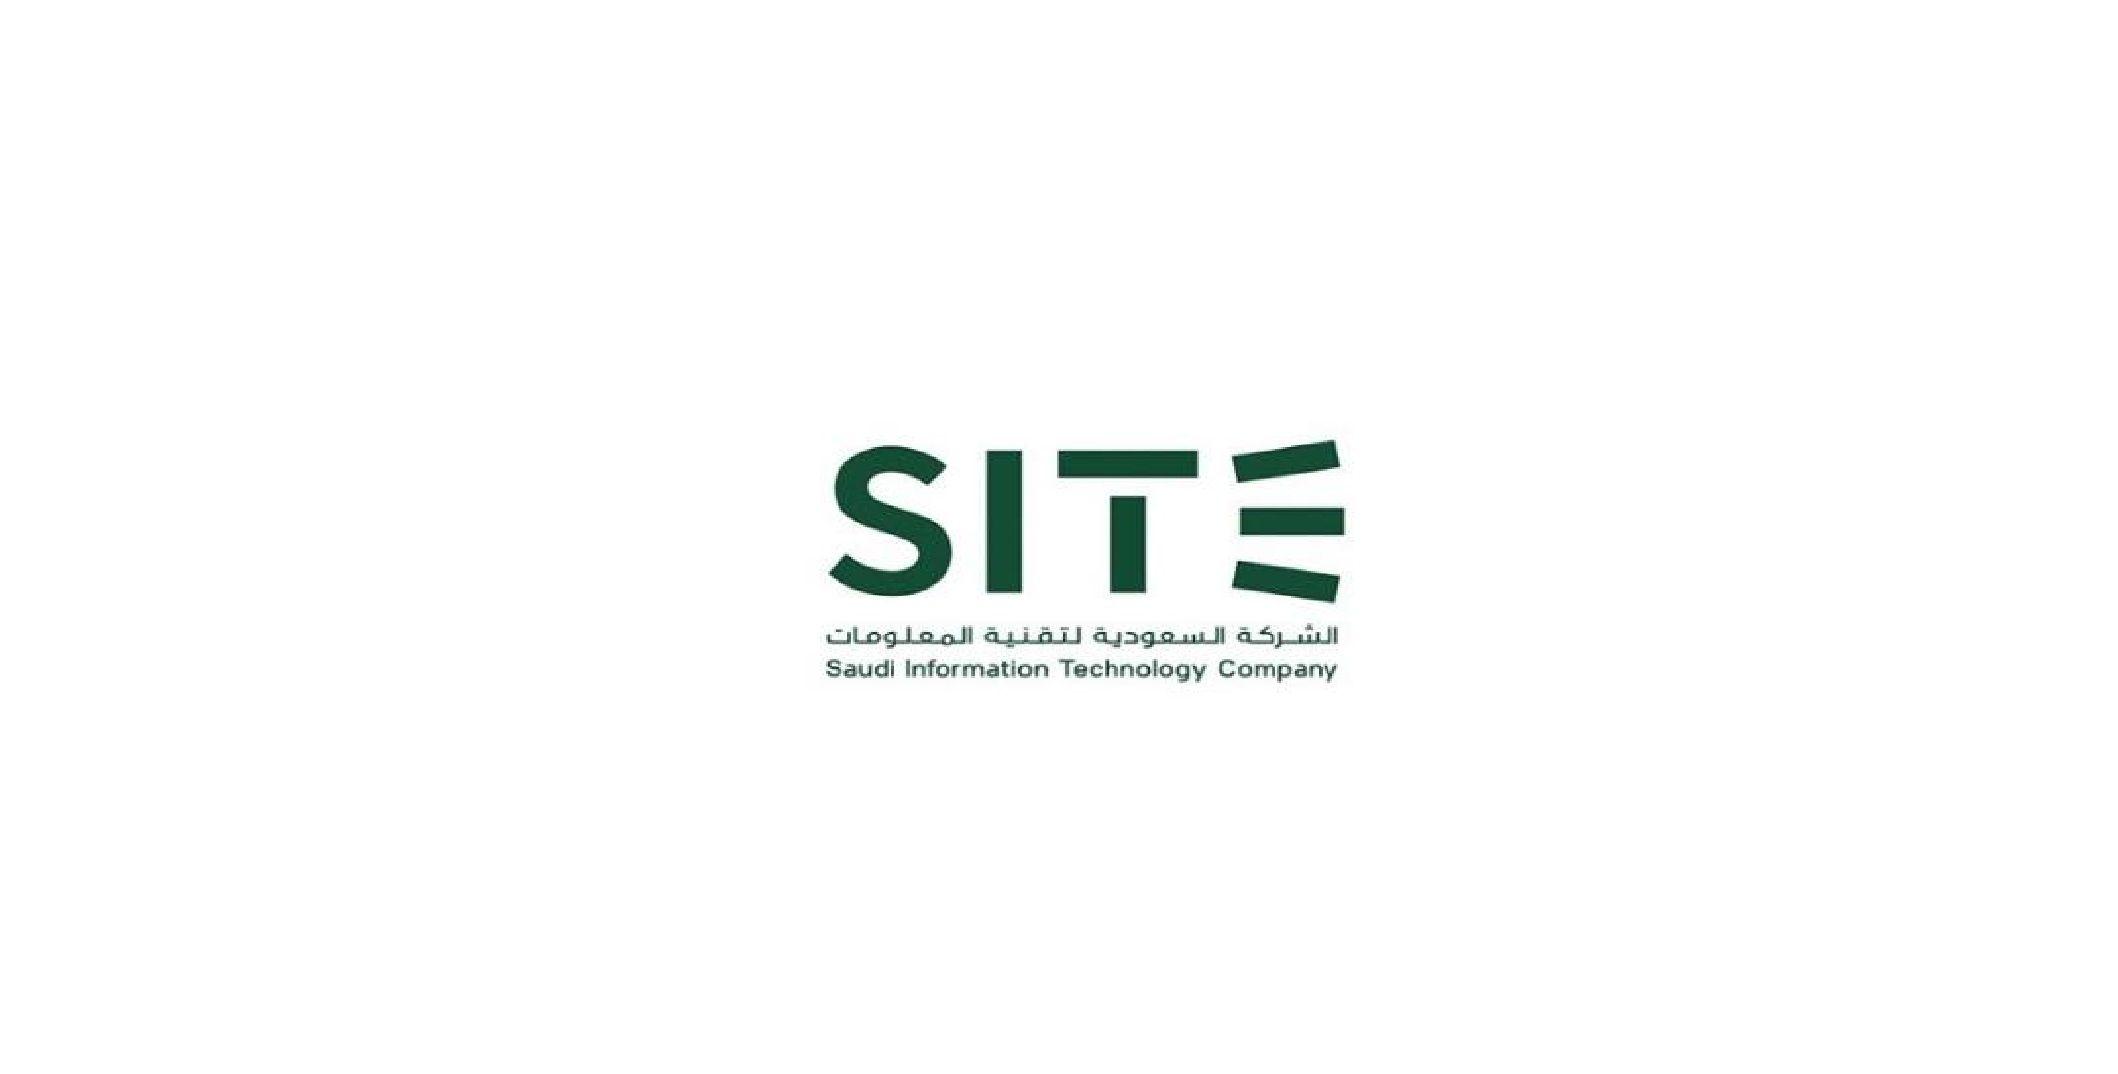 الشركة السعودية لتقنية المعلومات سايت في مدينة الرياض عن توفر وظيفة بمسمى إداري قاعدة بيانات Tech Company Logos Company Logo Technology